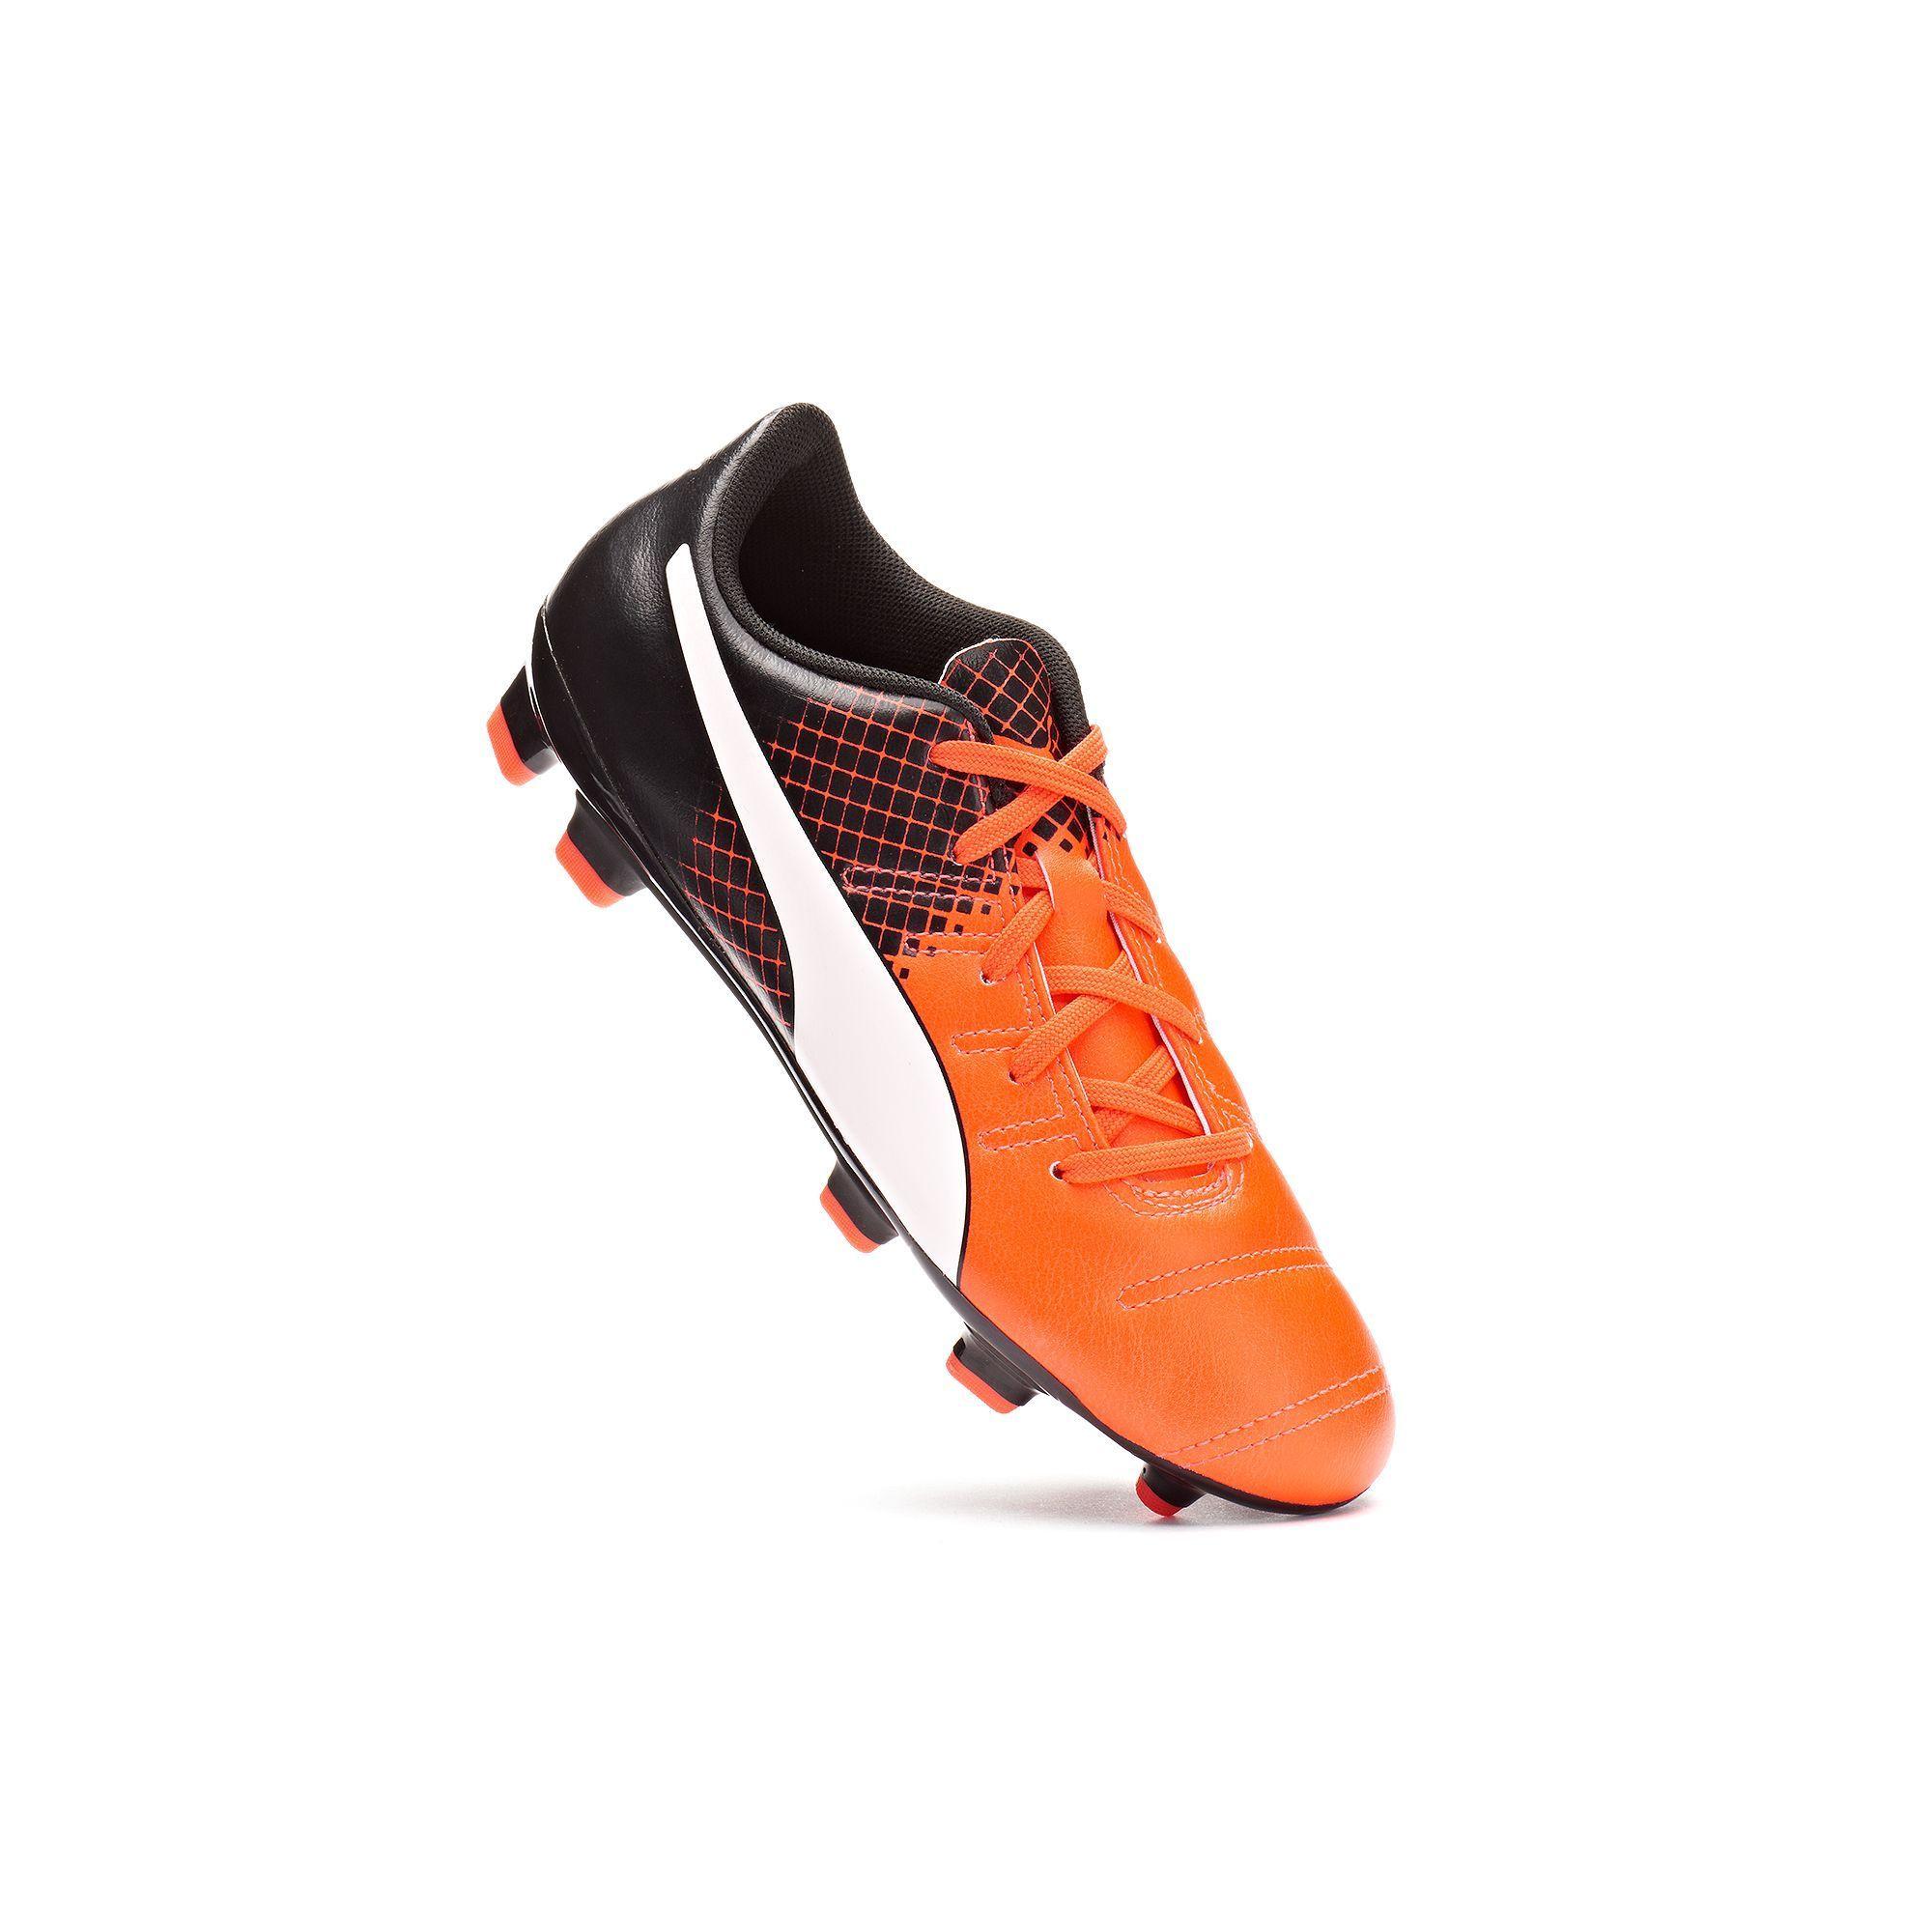 PUMA Evopower 4.3 Tricks Firm-Ground Jr. Kids  Soccer Cleats ... 615a44cb1